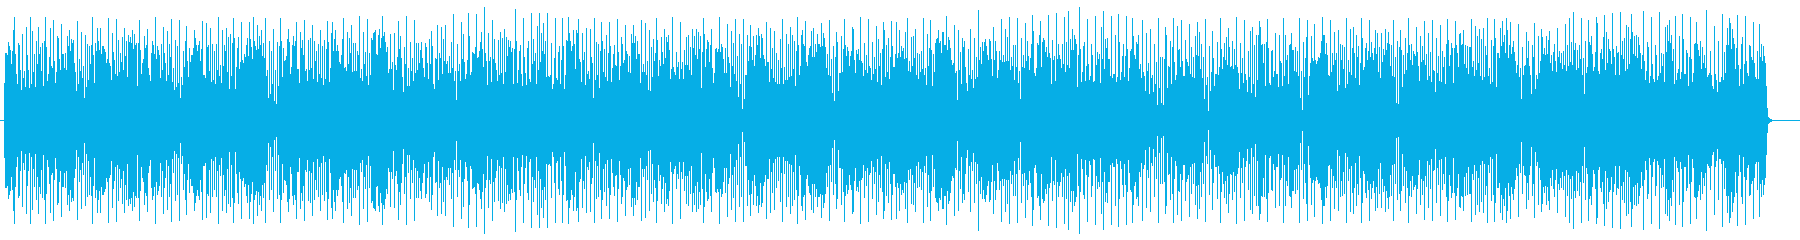 明るく愉快なシンセサイザーのポップスの再生済みの波形